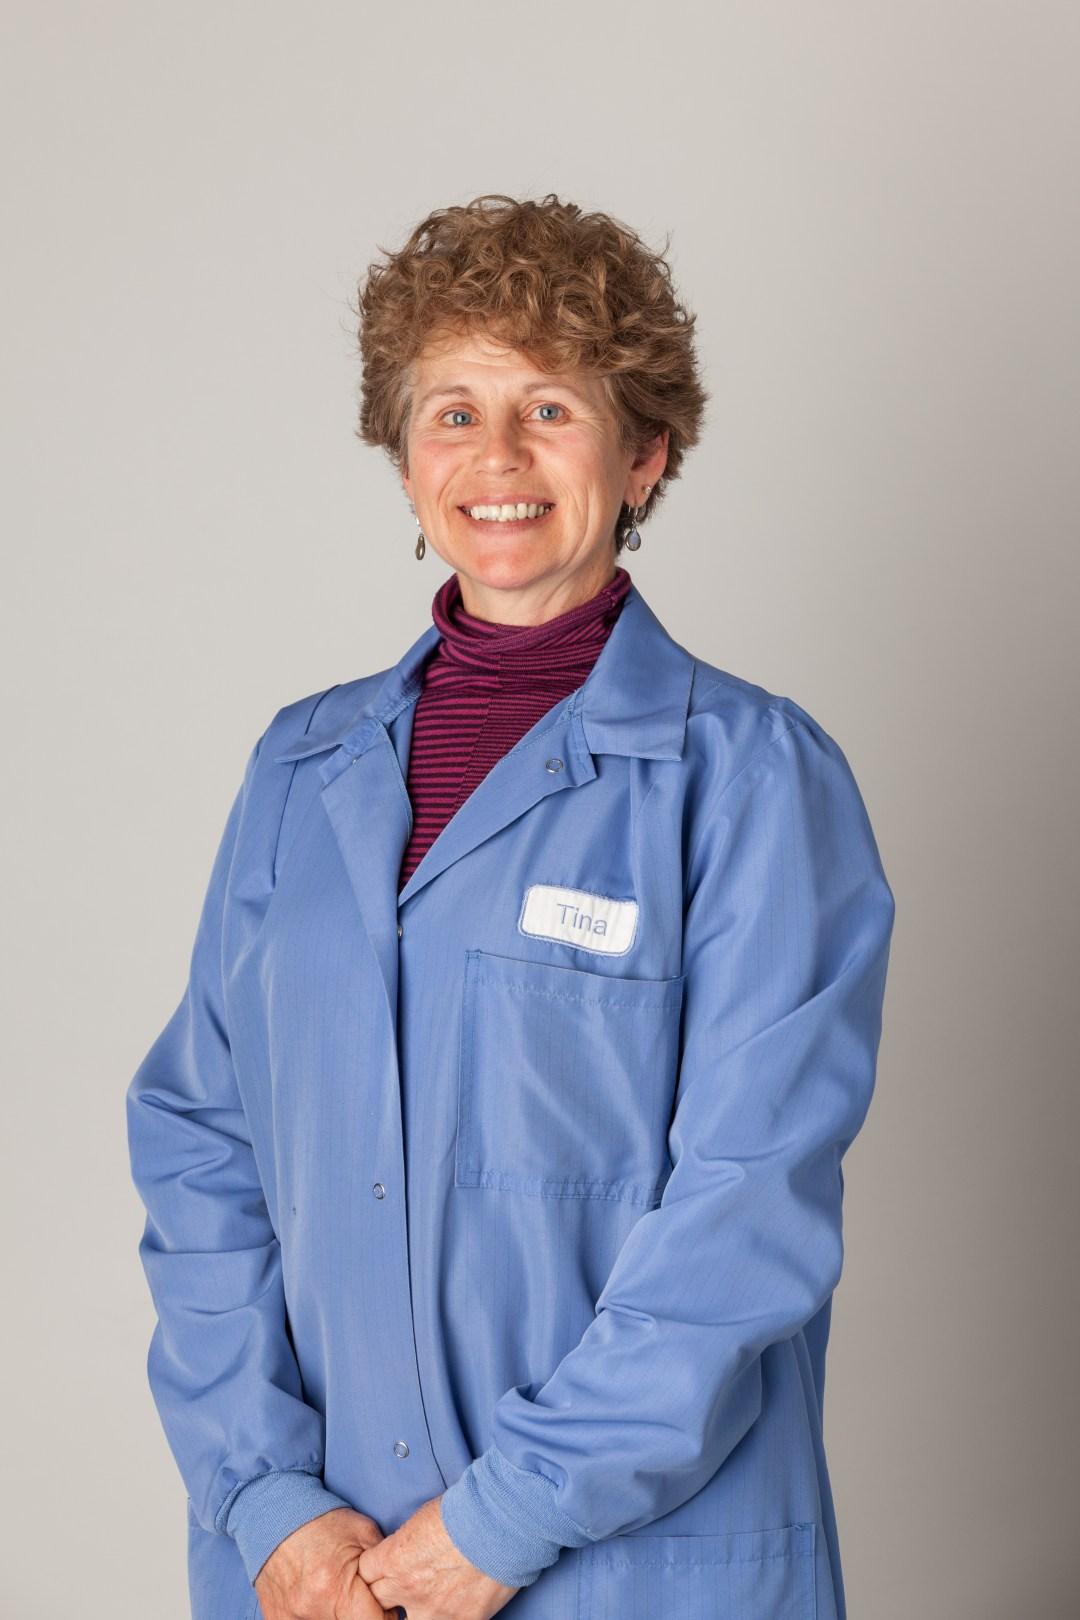 Tina Carpenter